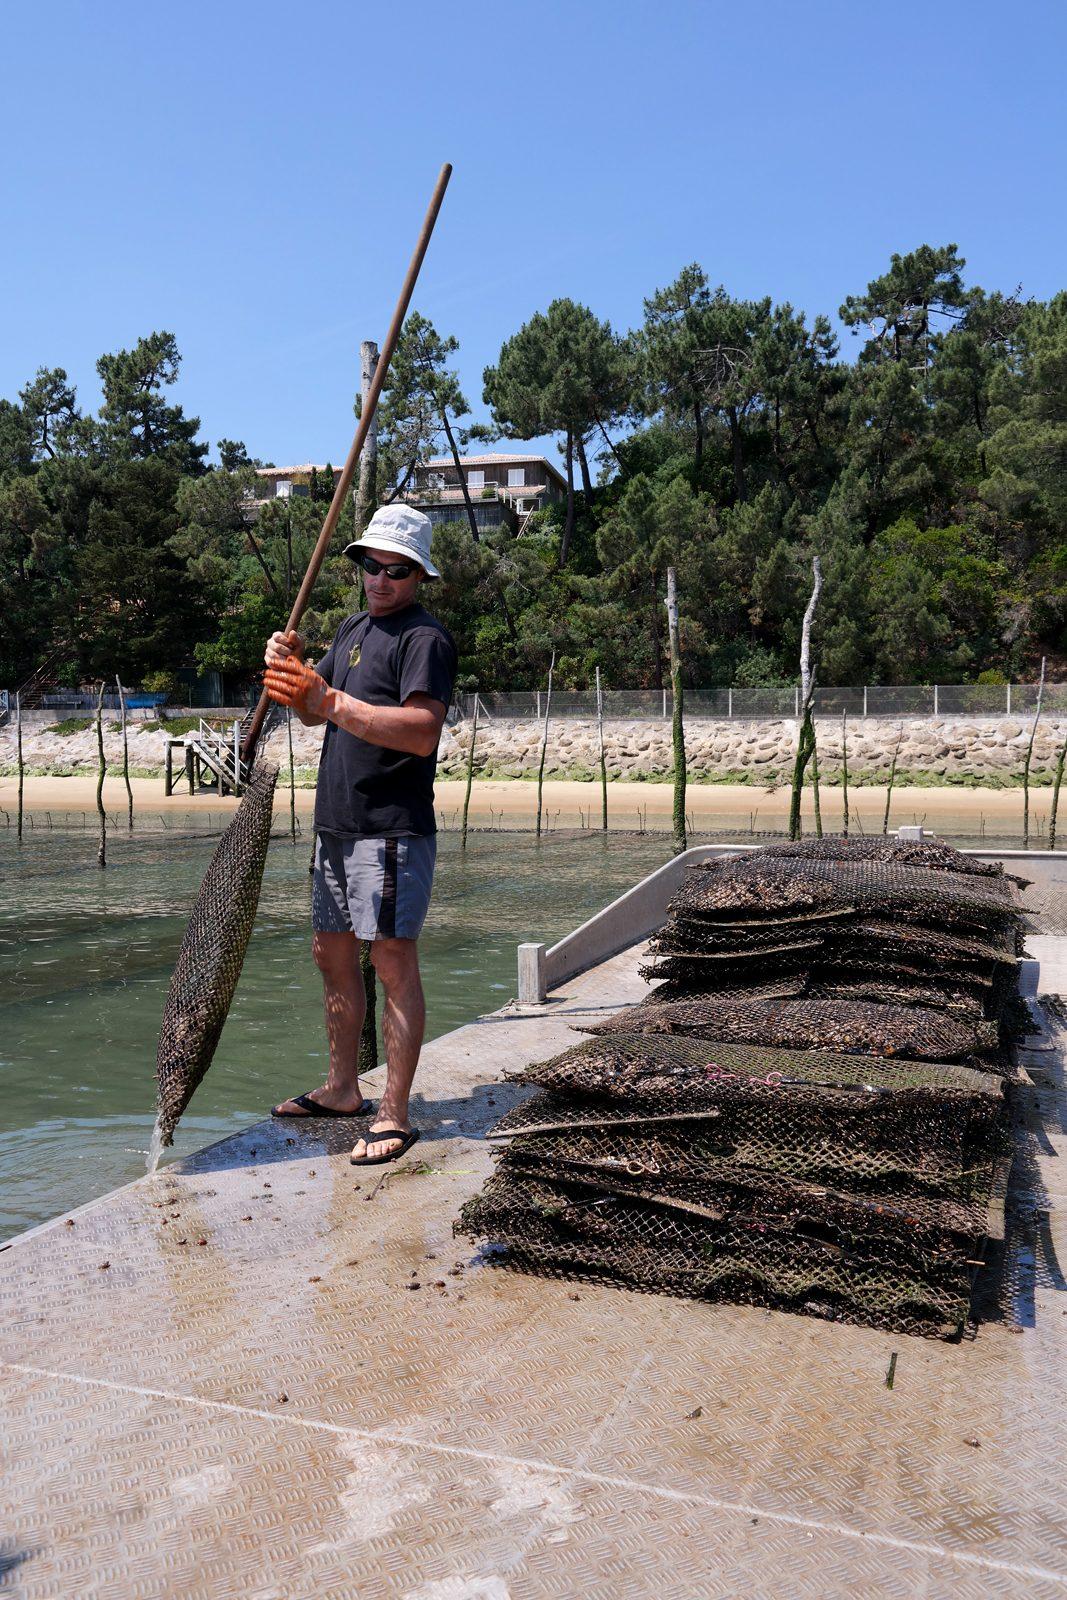 Eric Daugès ostréiculteur du Bassin d arcachon sur son bateau Eole sortie à la marée tourisme photo expérience usofparis blog